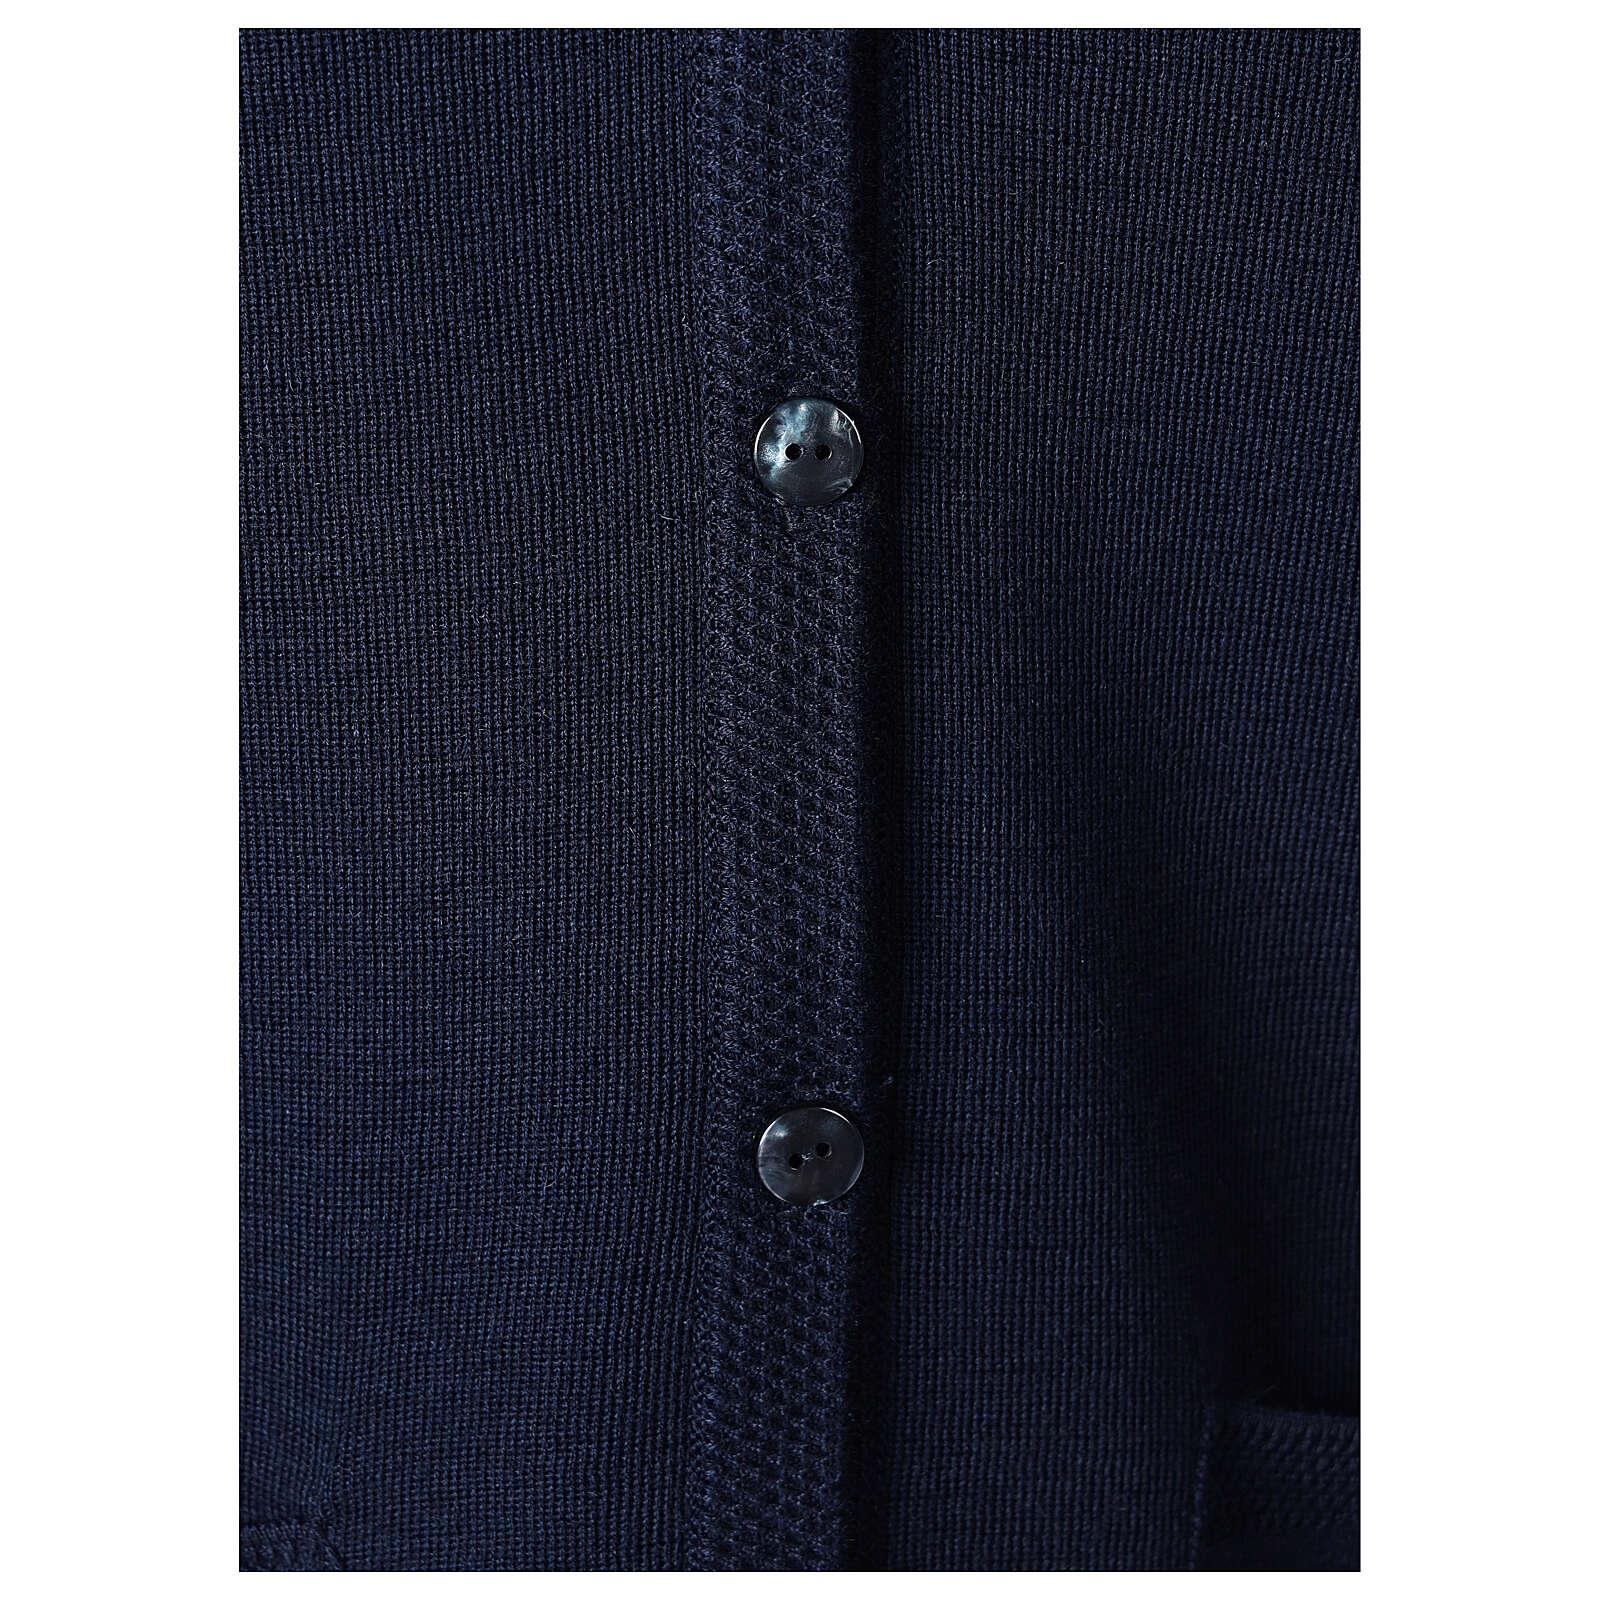 Damen-Weste, blau, mit Taschen und V-Ausschnitt, 50% Acryl - 50% Merinowolle, In Primis 4